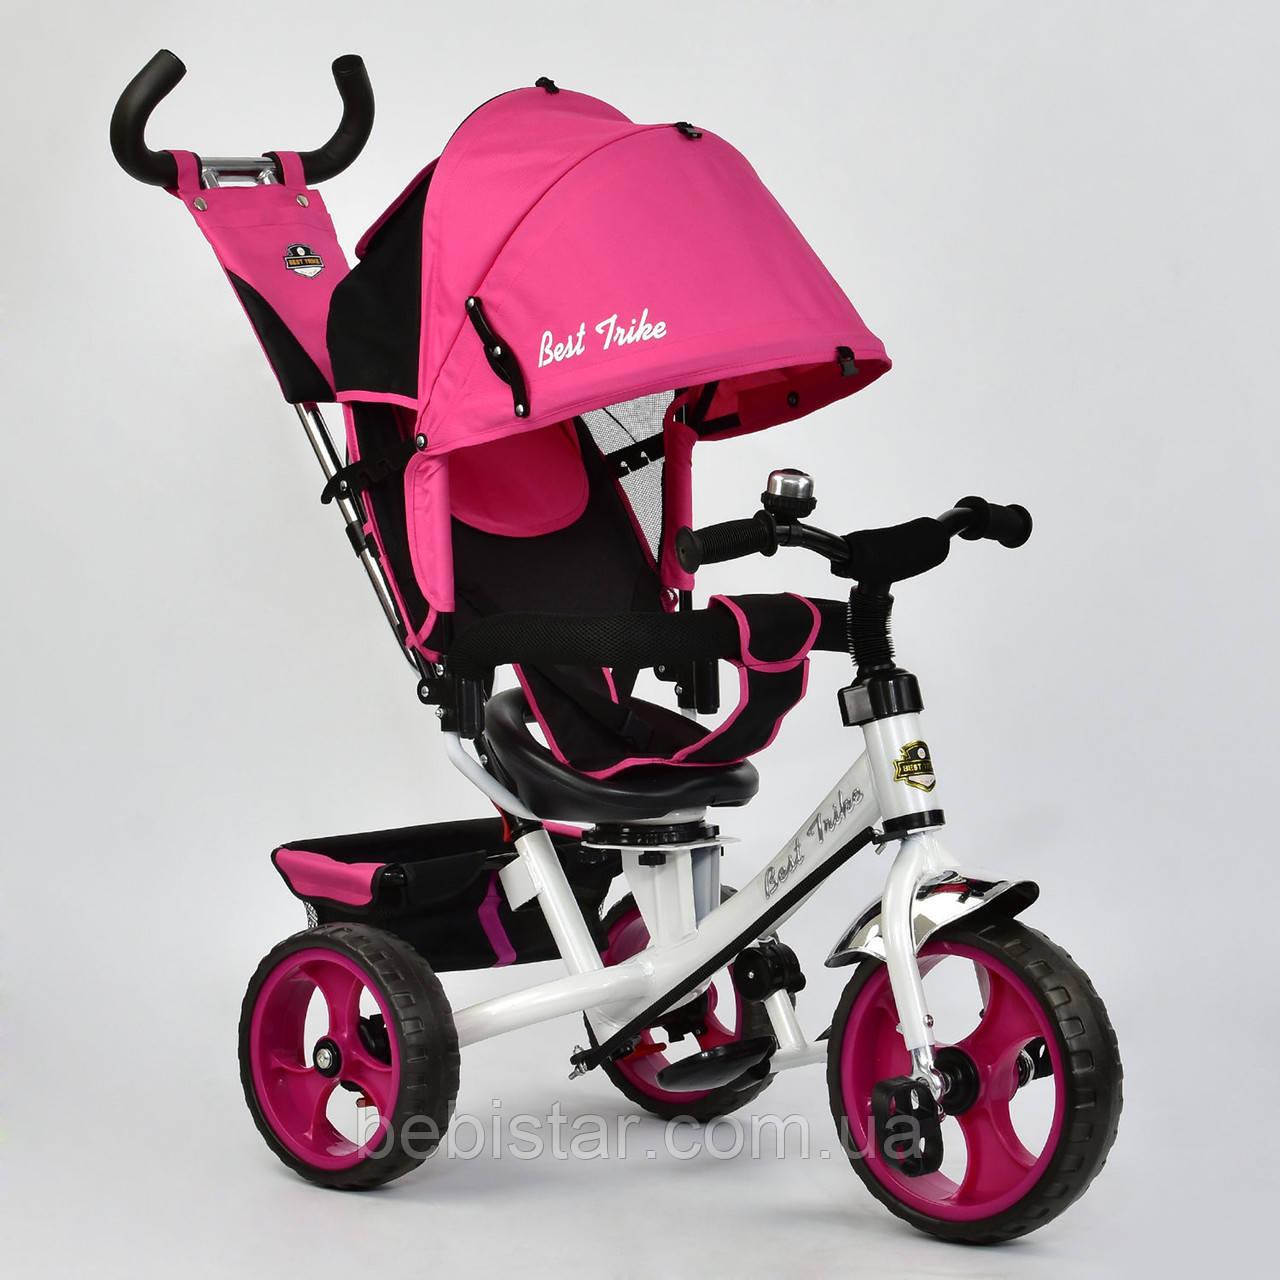 """Детский трехколесный велосипед """"Best Trike 6570"""" розовый"""